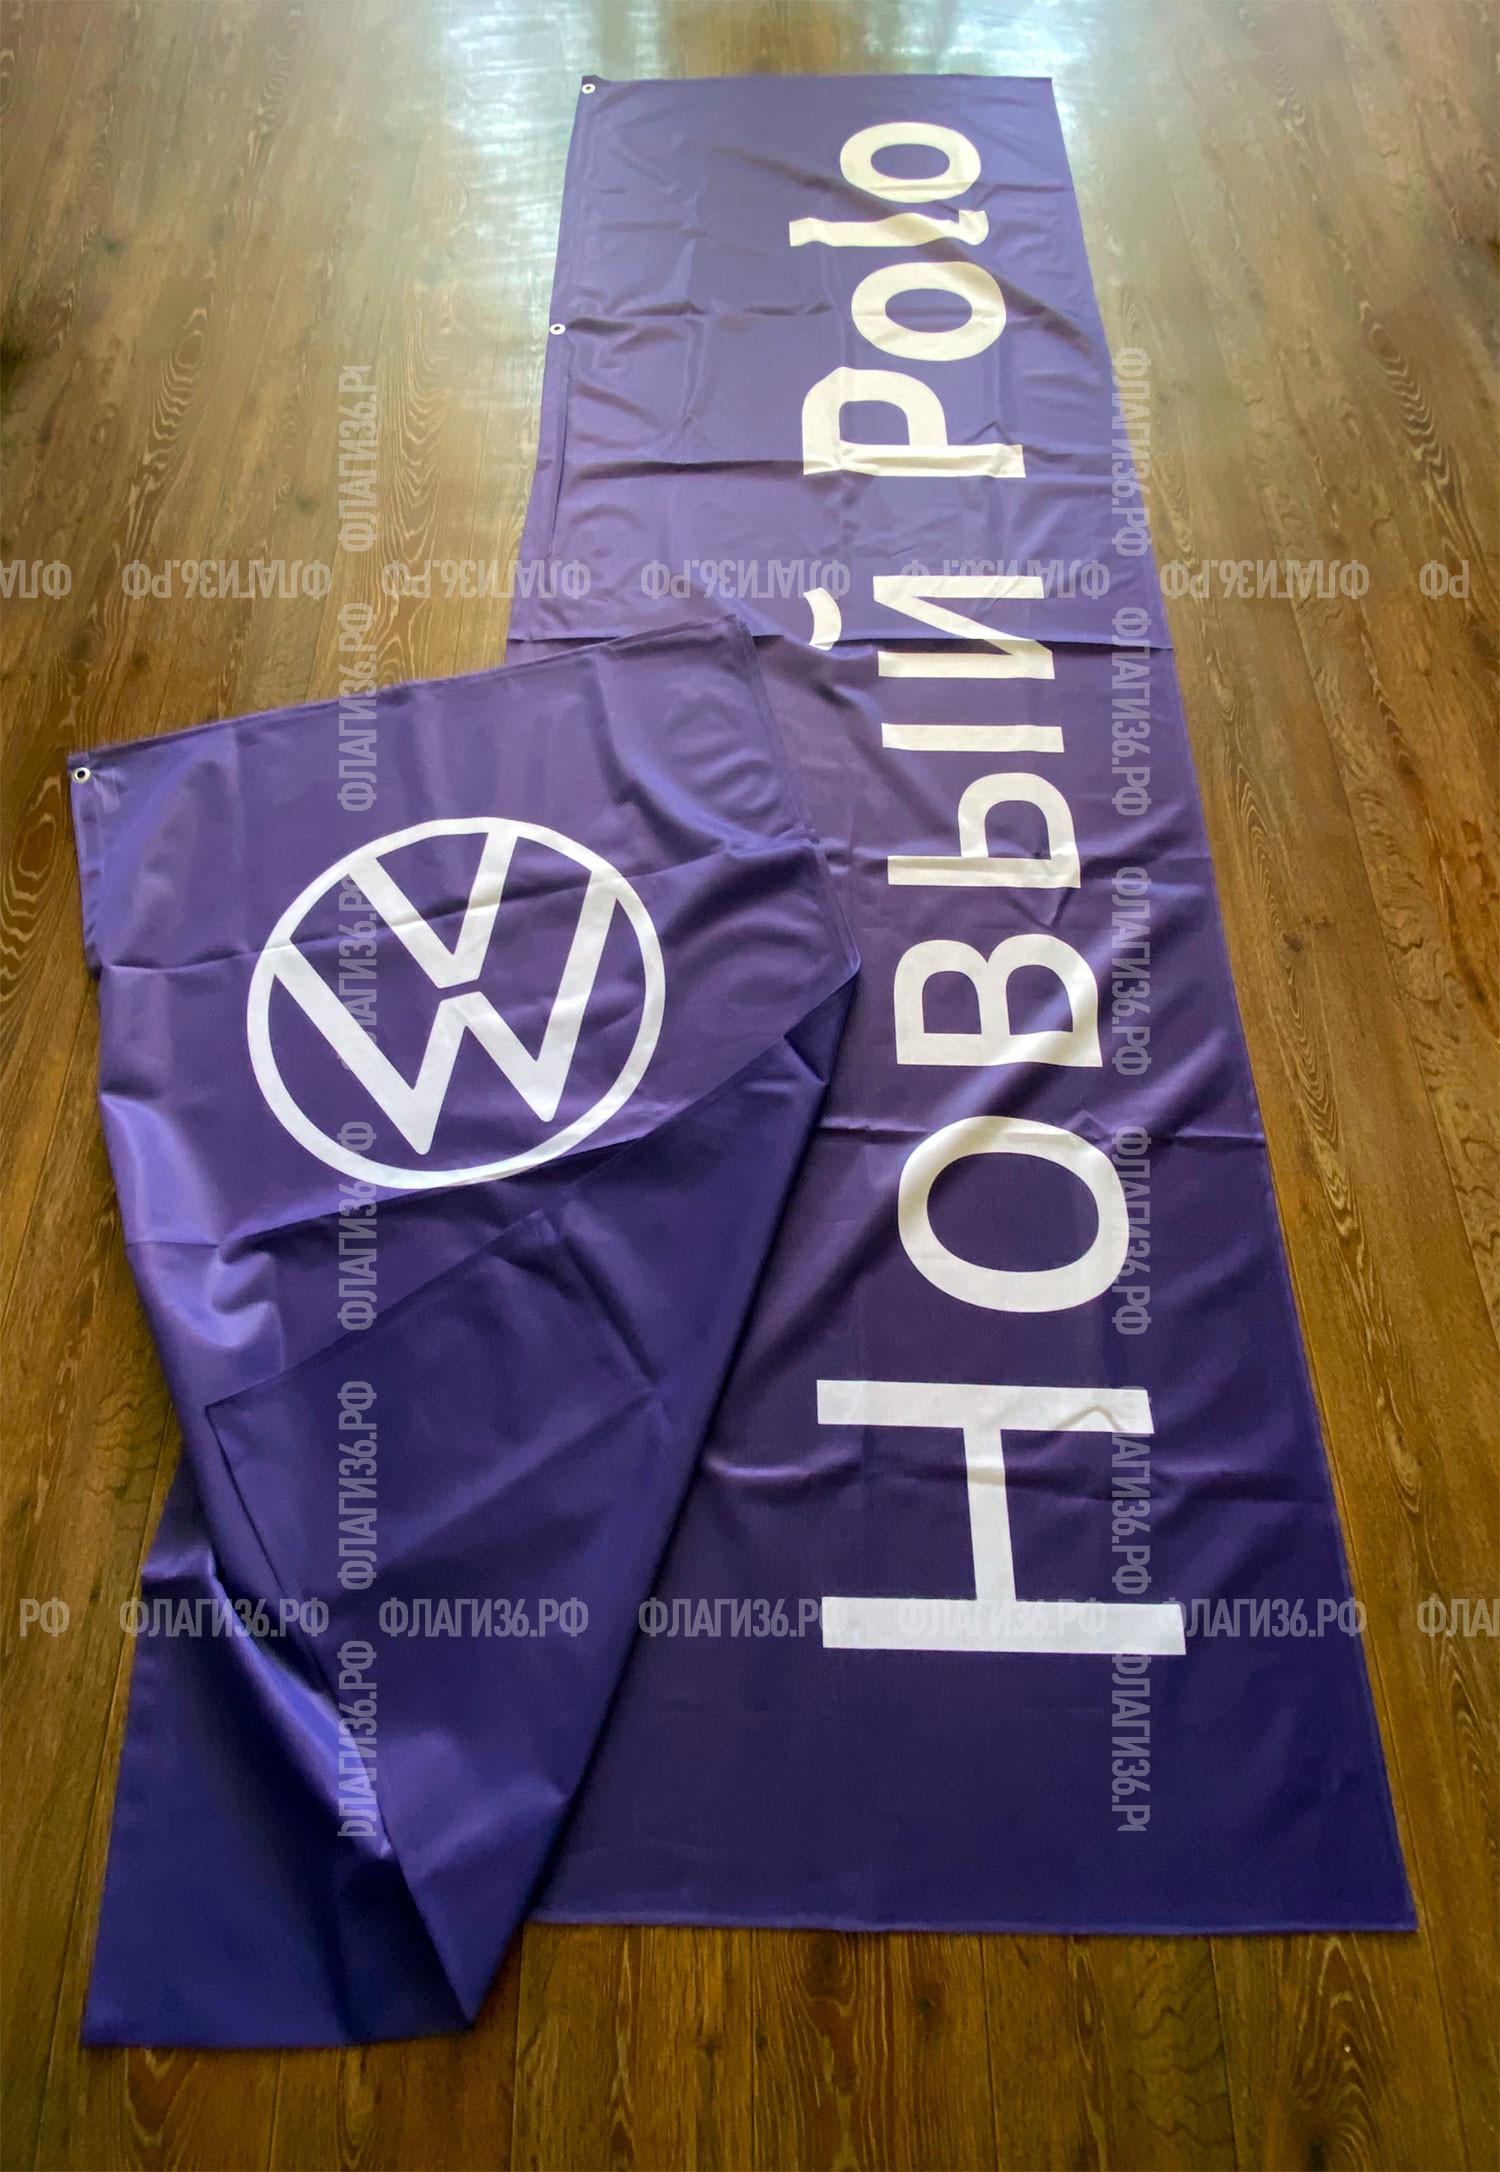 флаги-новый-volkswagen-polo-Воронеж